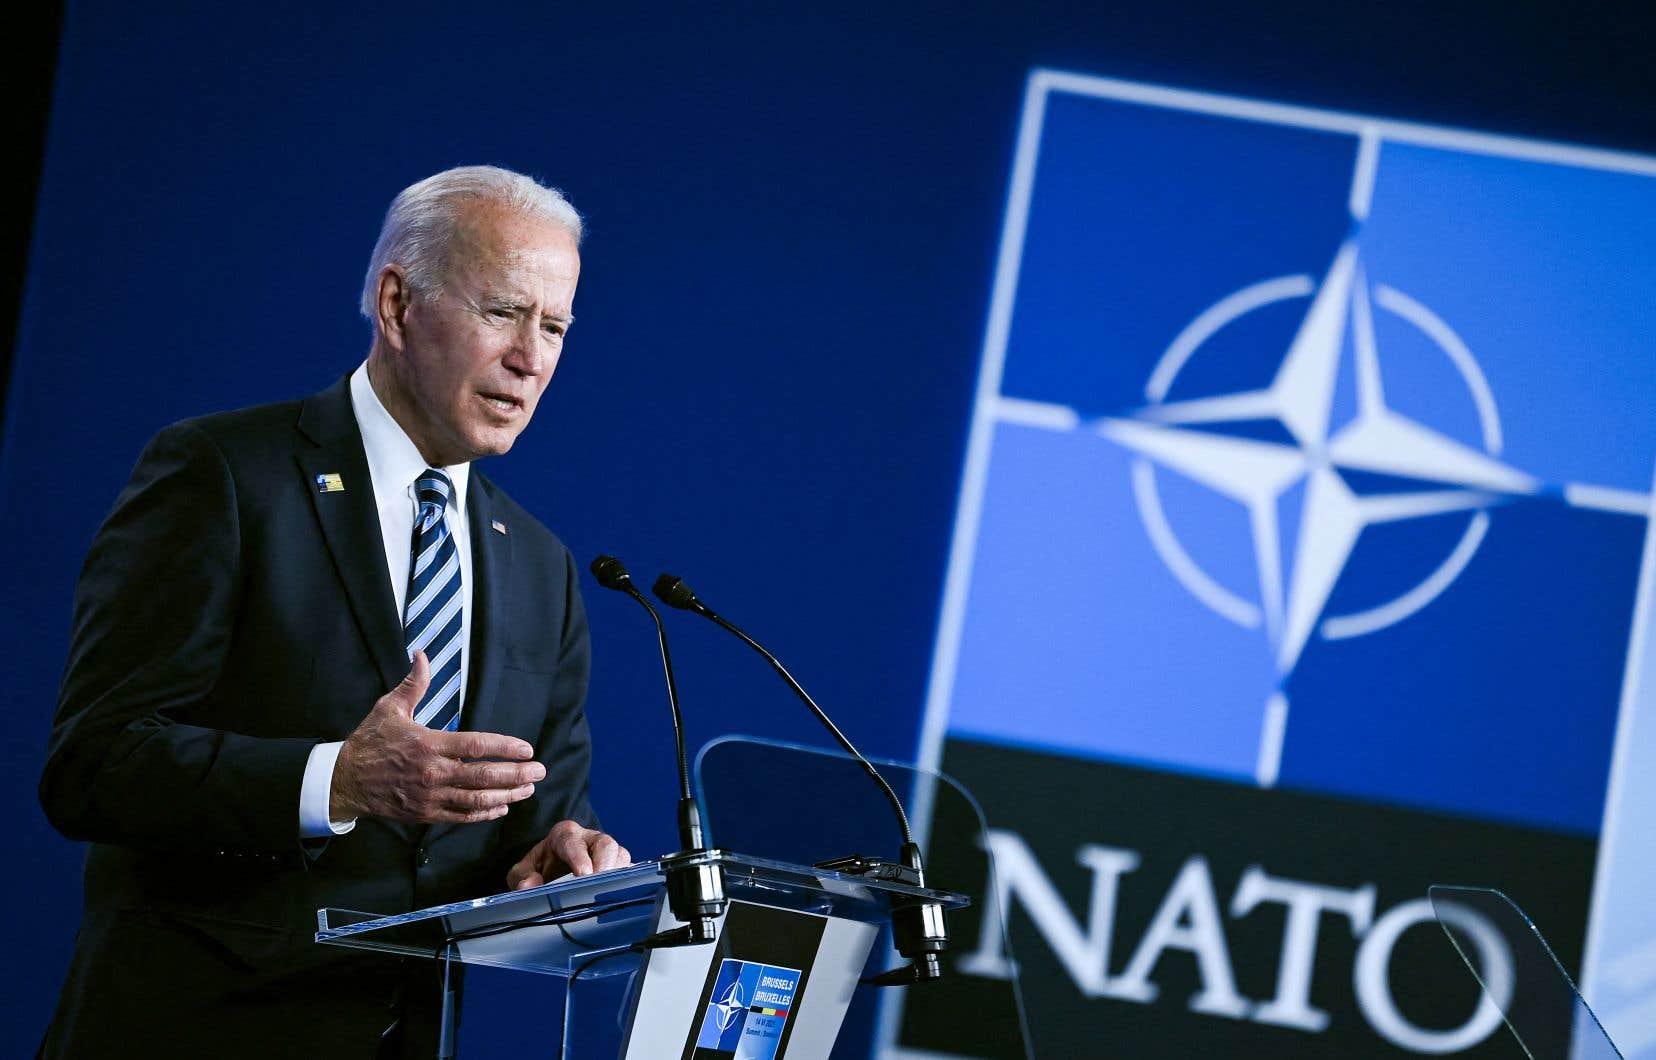 Joe Biden doit rencontrer le président russe, Vladimir Poutine, mercredi à Genève, dernière étape d'un périple en Europe commencé par un sommet du G7 au Royaume-Uni, suivi par le sommet de l'OTAN, lundi, et une réunion avec les présidents des institutions de l'UE mardi à Bruxelles.